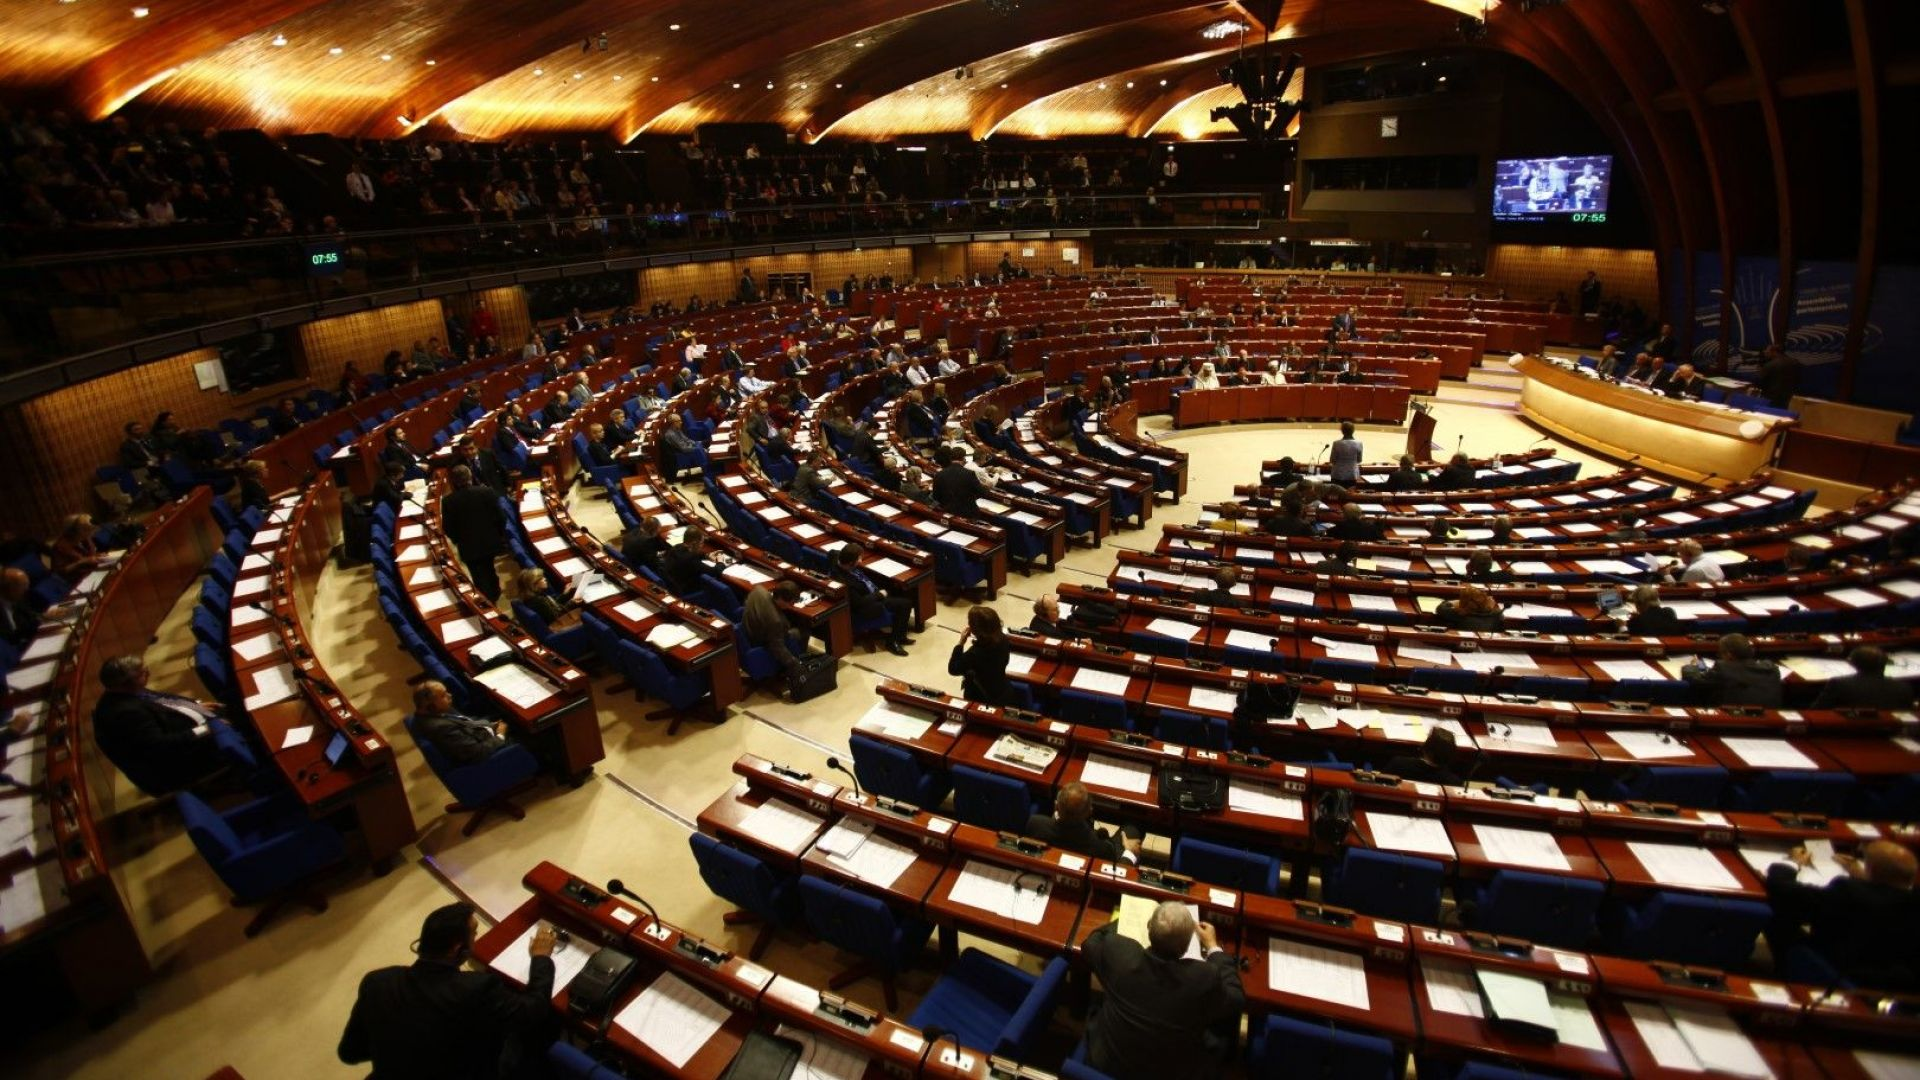 Нов уебсайт обяснява как се гласува на евроизборите във всички държави членки